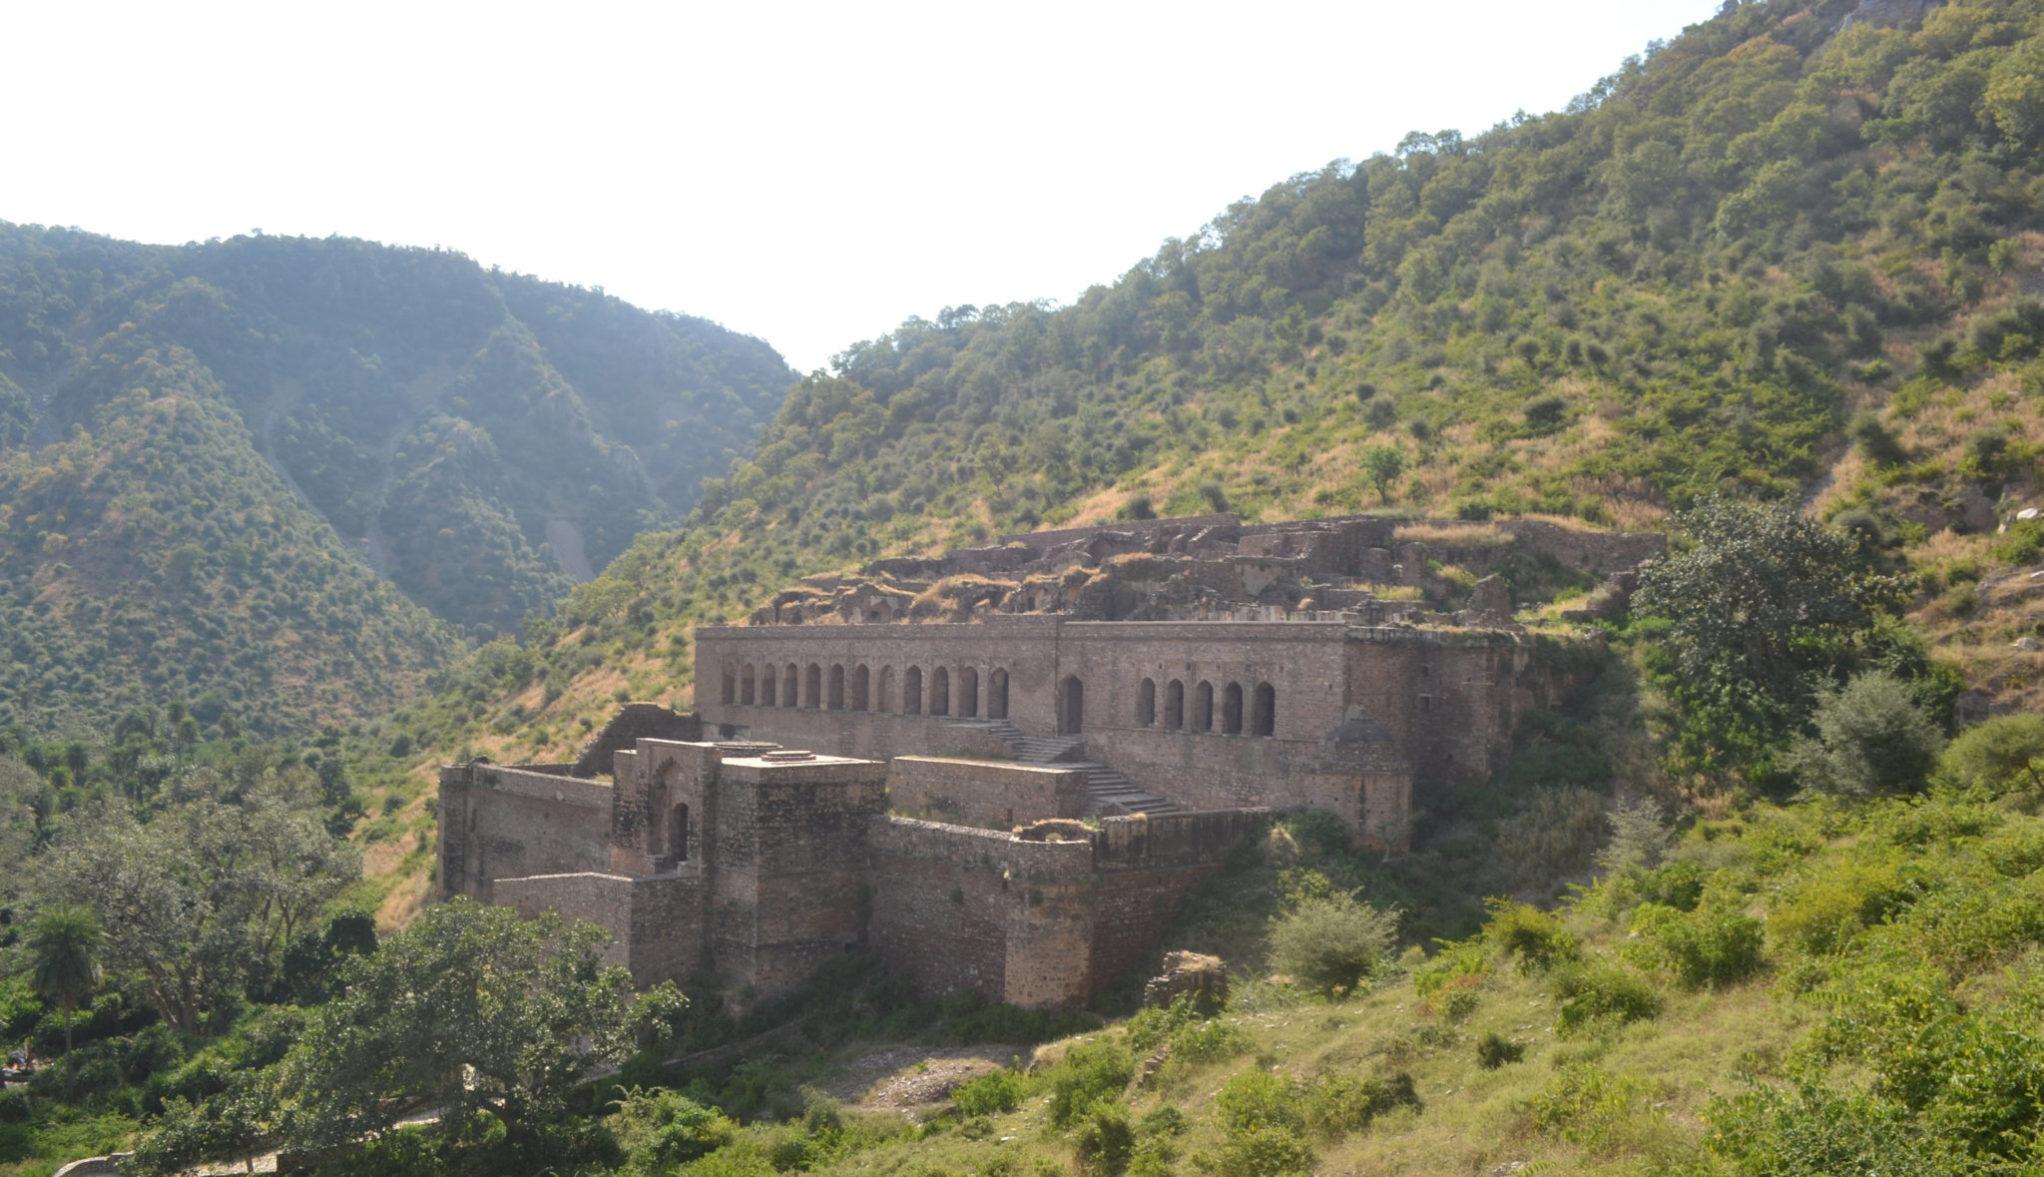 La misteriosa leggenda di Bhangarh, la fortezza più infestata al mondo